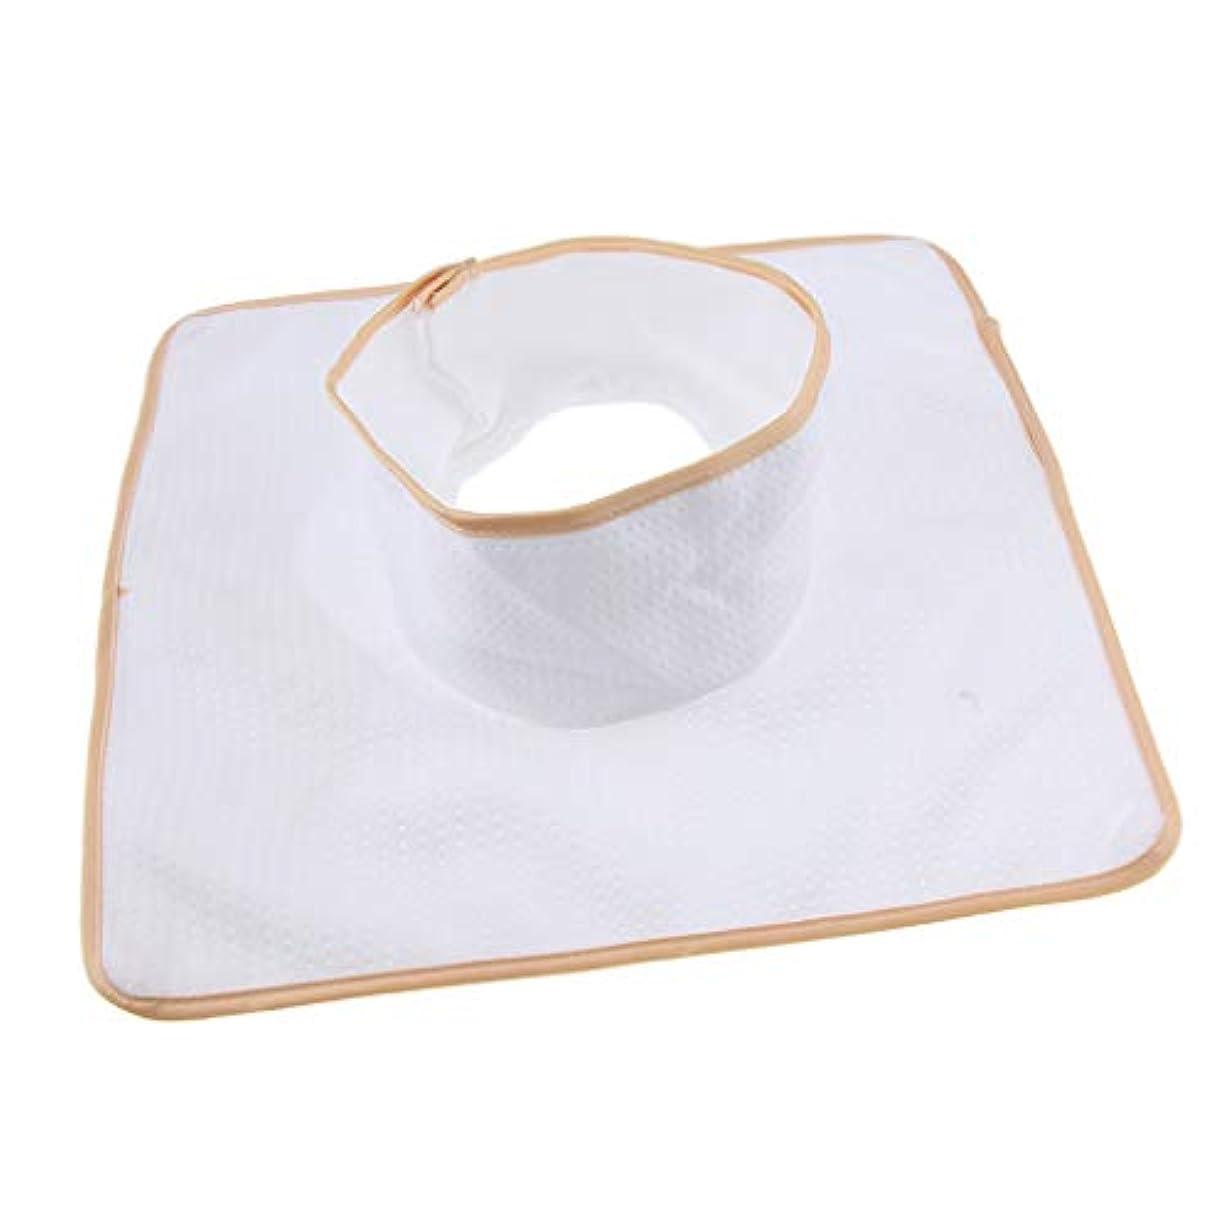 ファーザーファージュ陸軍姉妹D DOLITY マッサージ ベッド テーブル ヘッドパッド 頭の穴付 再使用可能 約35×35cm 全3色 - 白